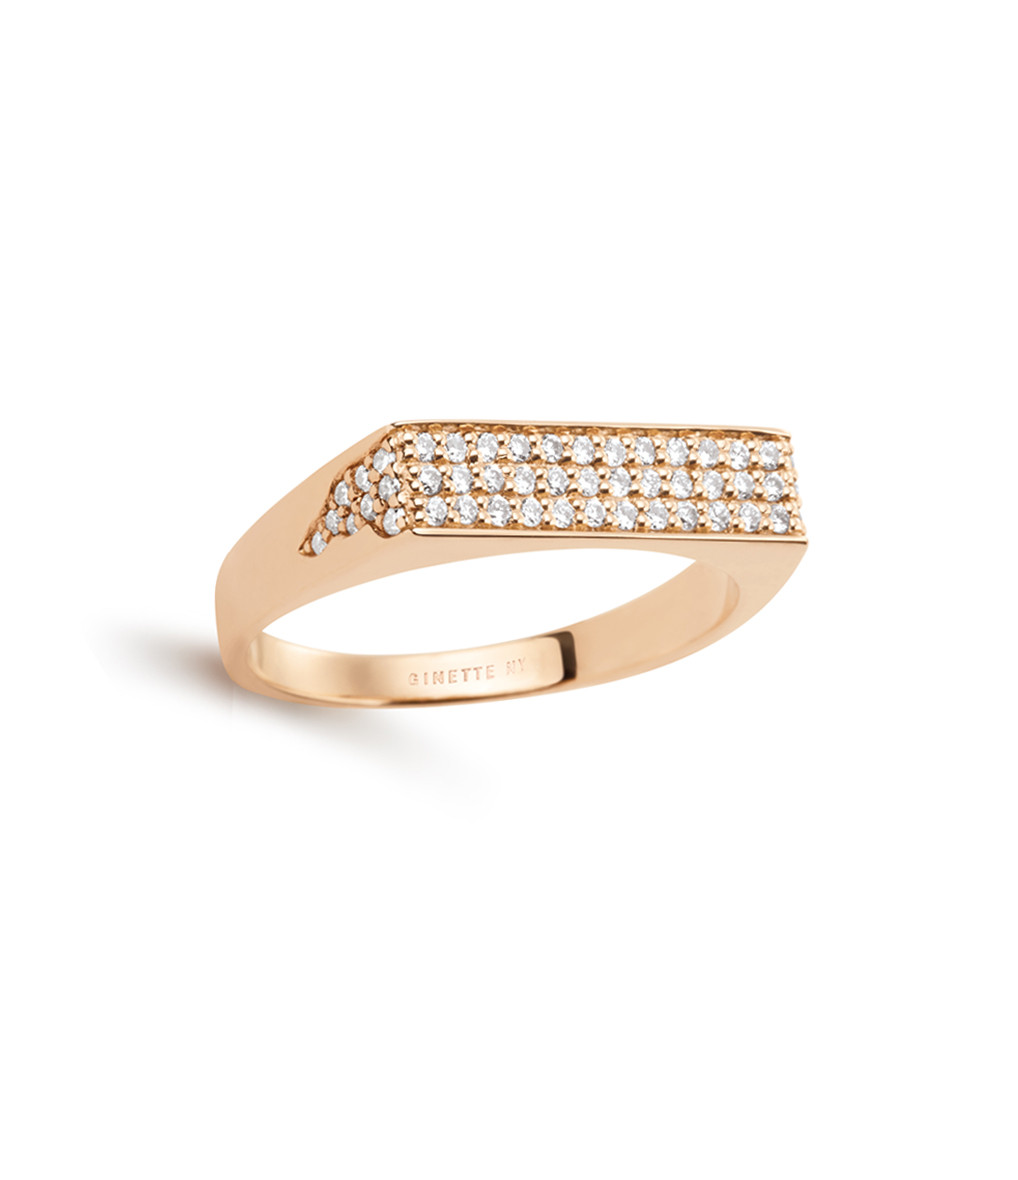 GINETTE NY - Bague Baguette Signet Diamant